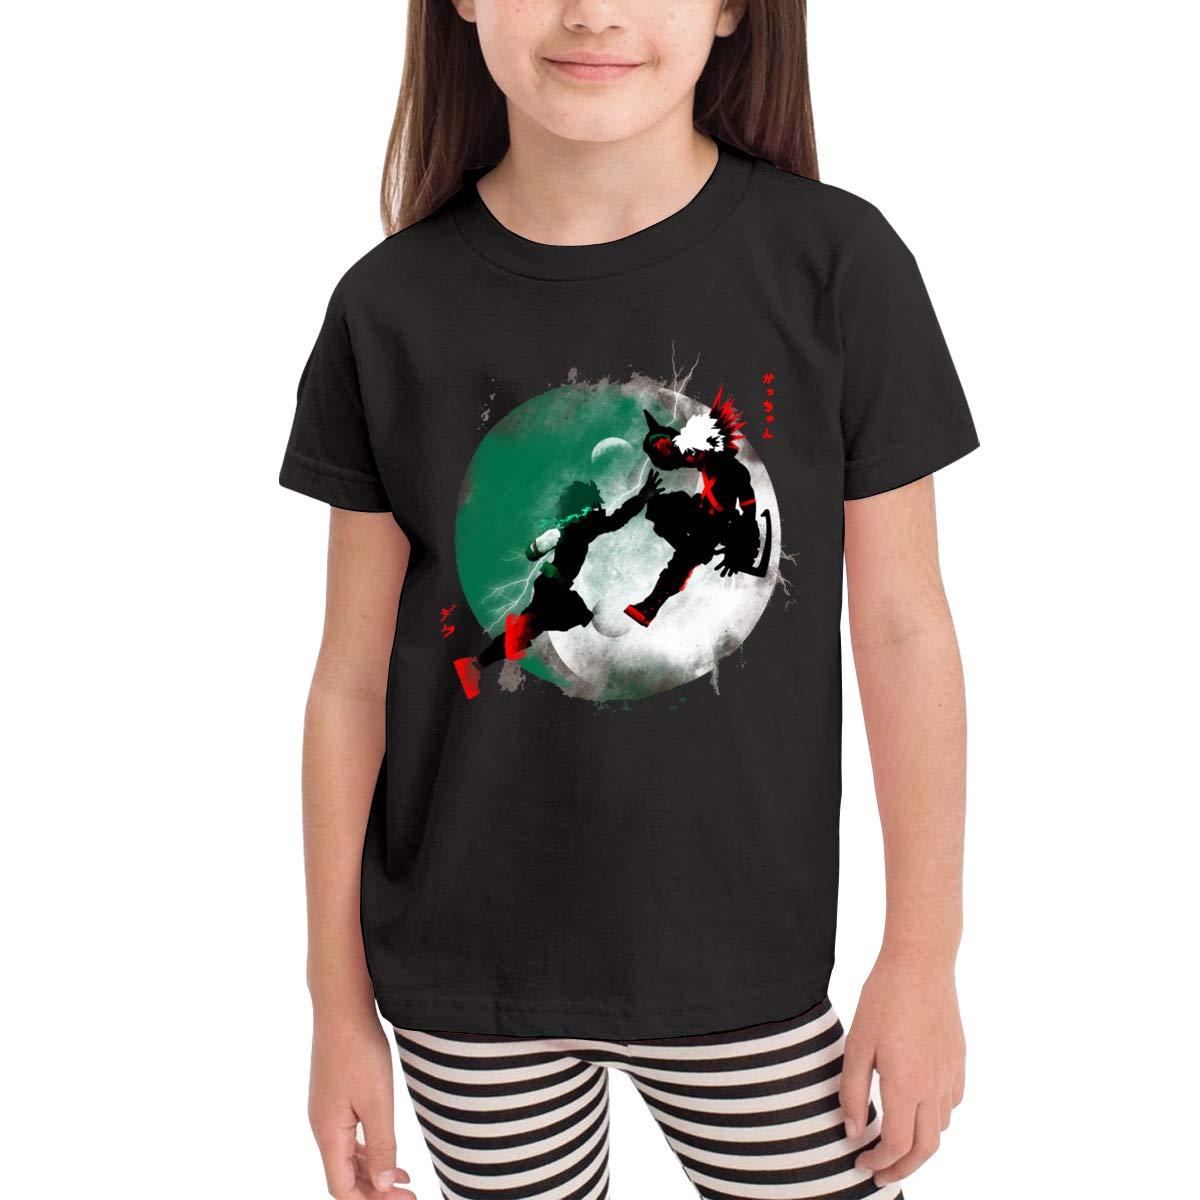 SuperLee Childrens My Hero Academia Comfort Short Sleeve T-Shirt Black